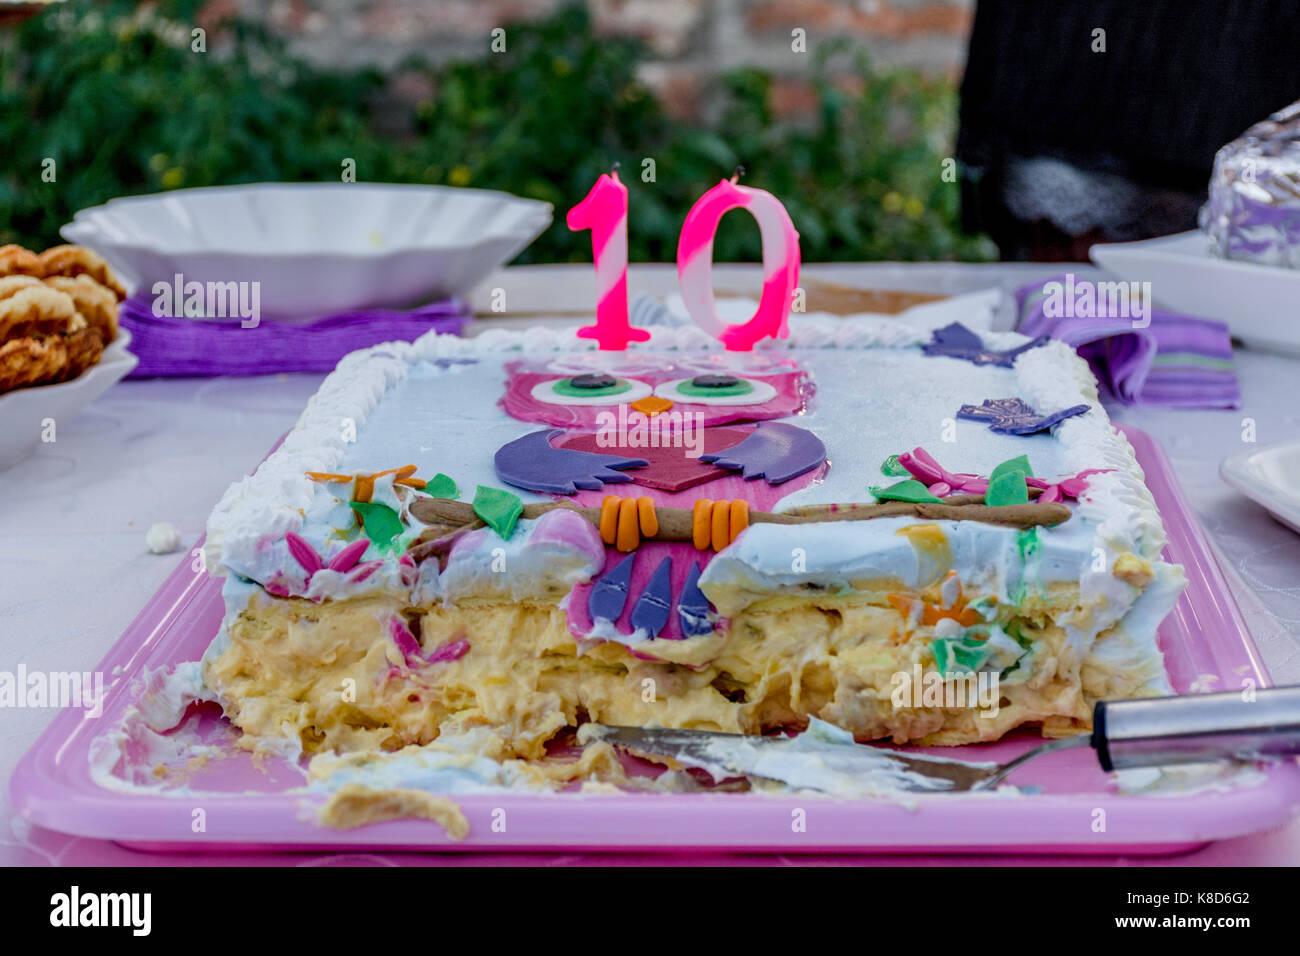 Geburtstag Kuchen Fur 10 Jahrige Madchen Stockfoto Bild 160101090